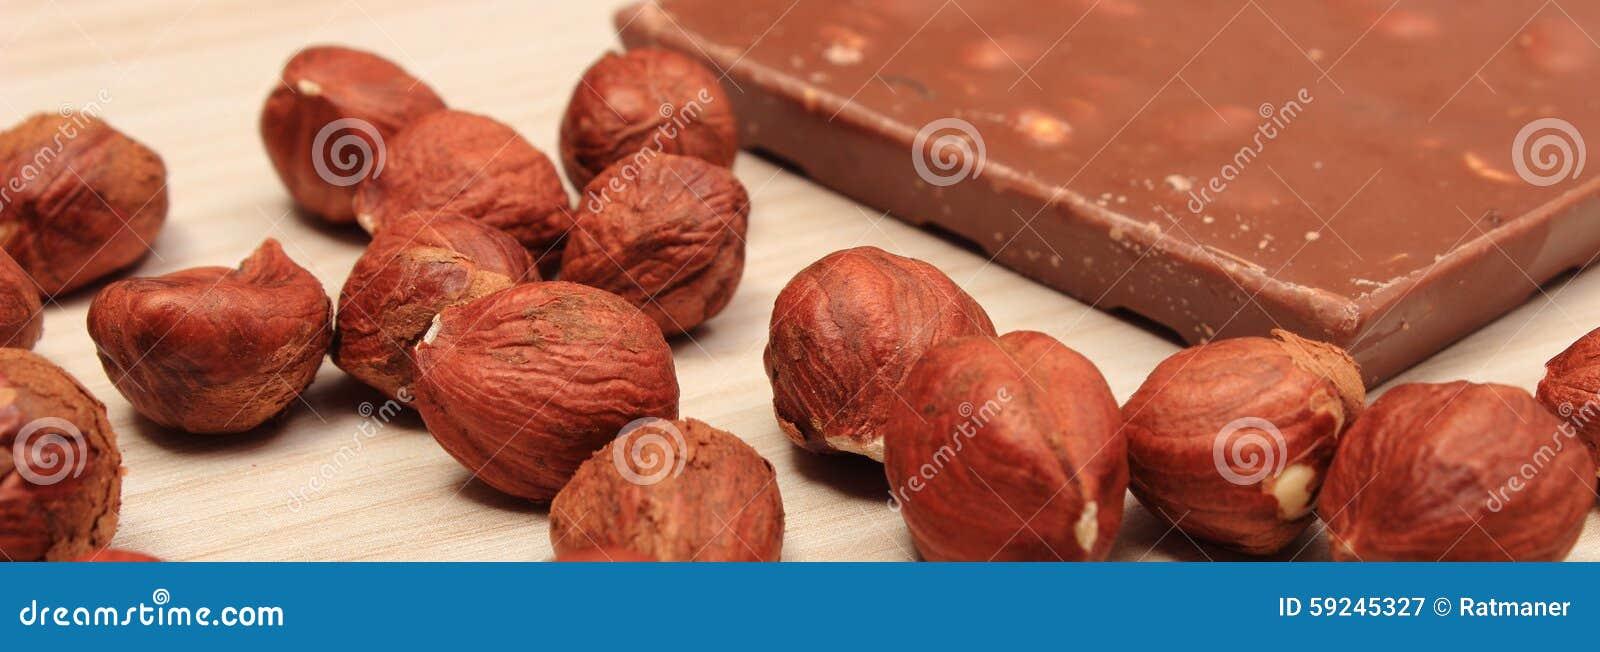 Postre nutritivo del chocolate y del dulce de las avellanas